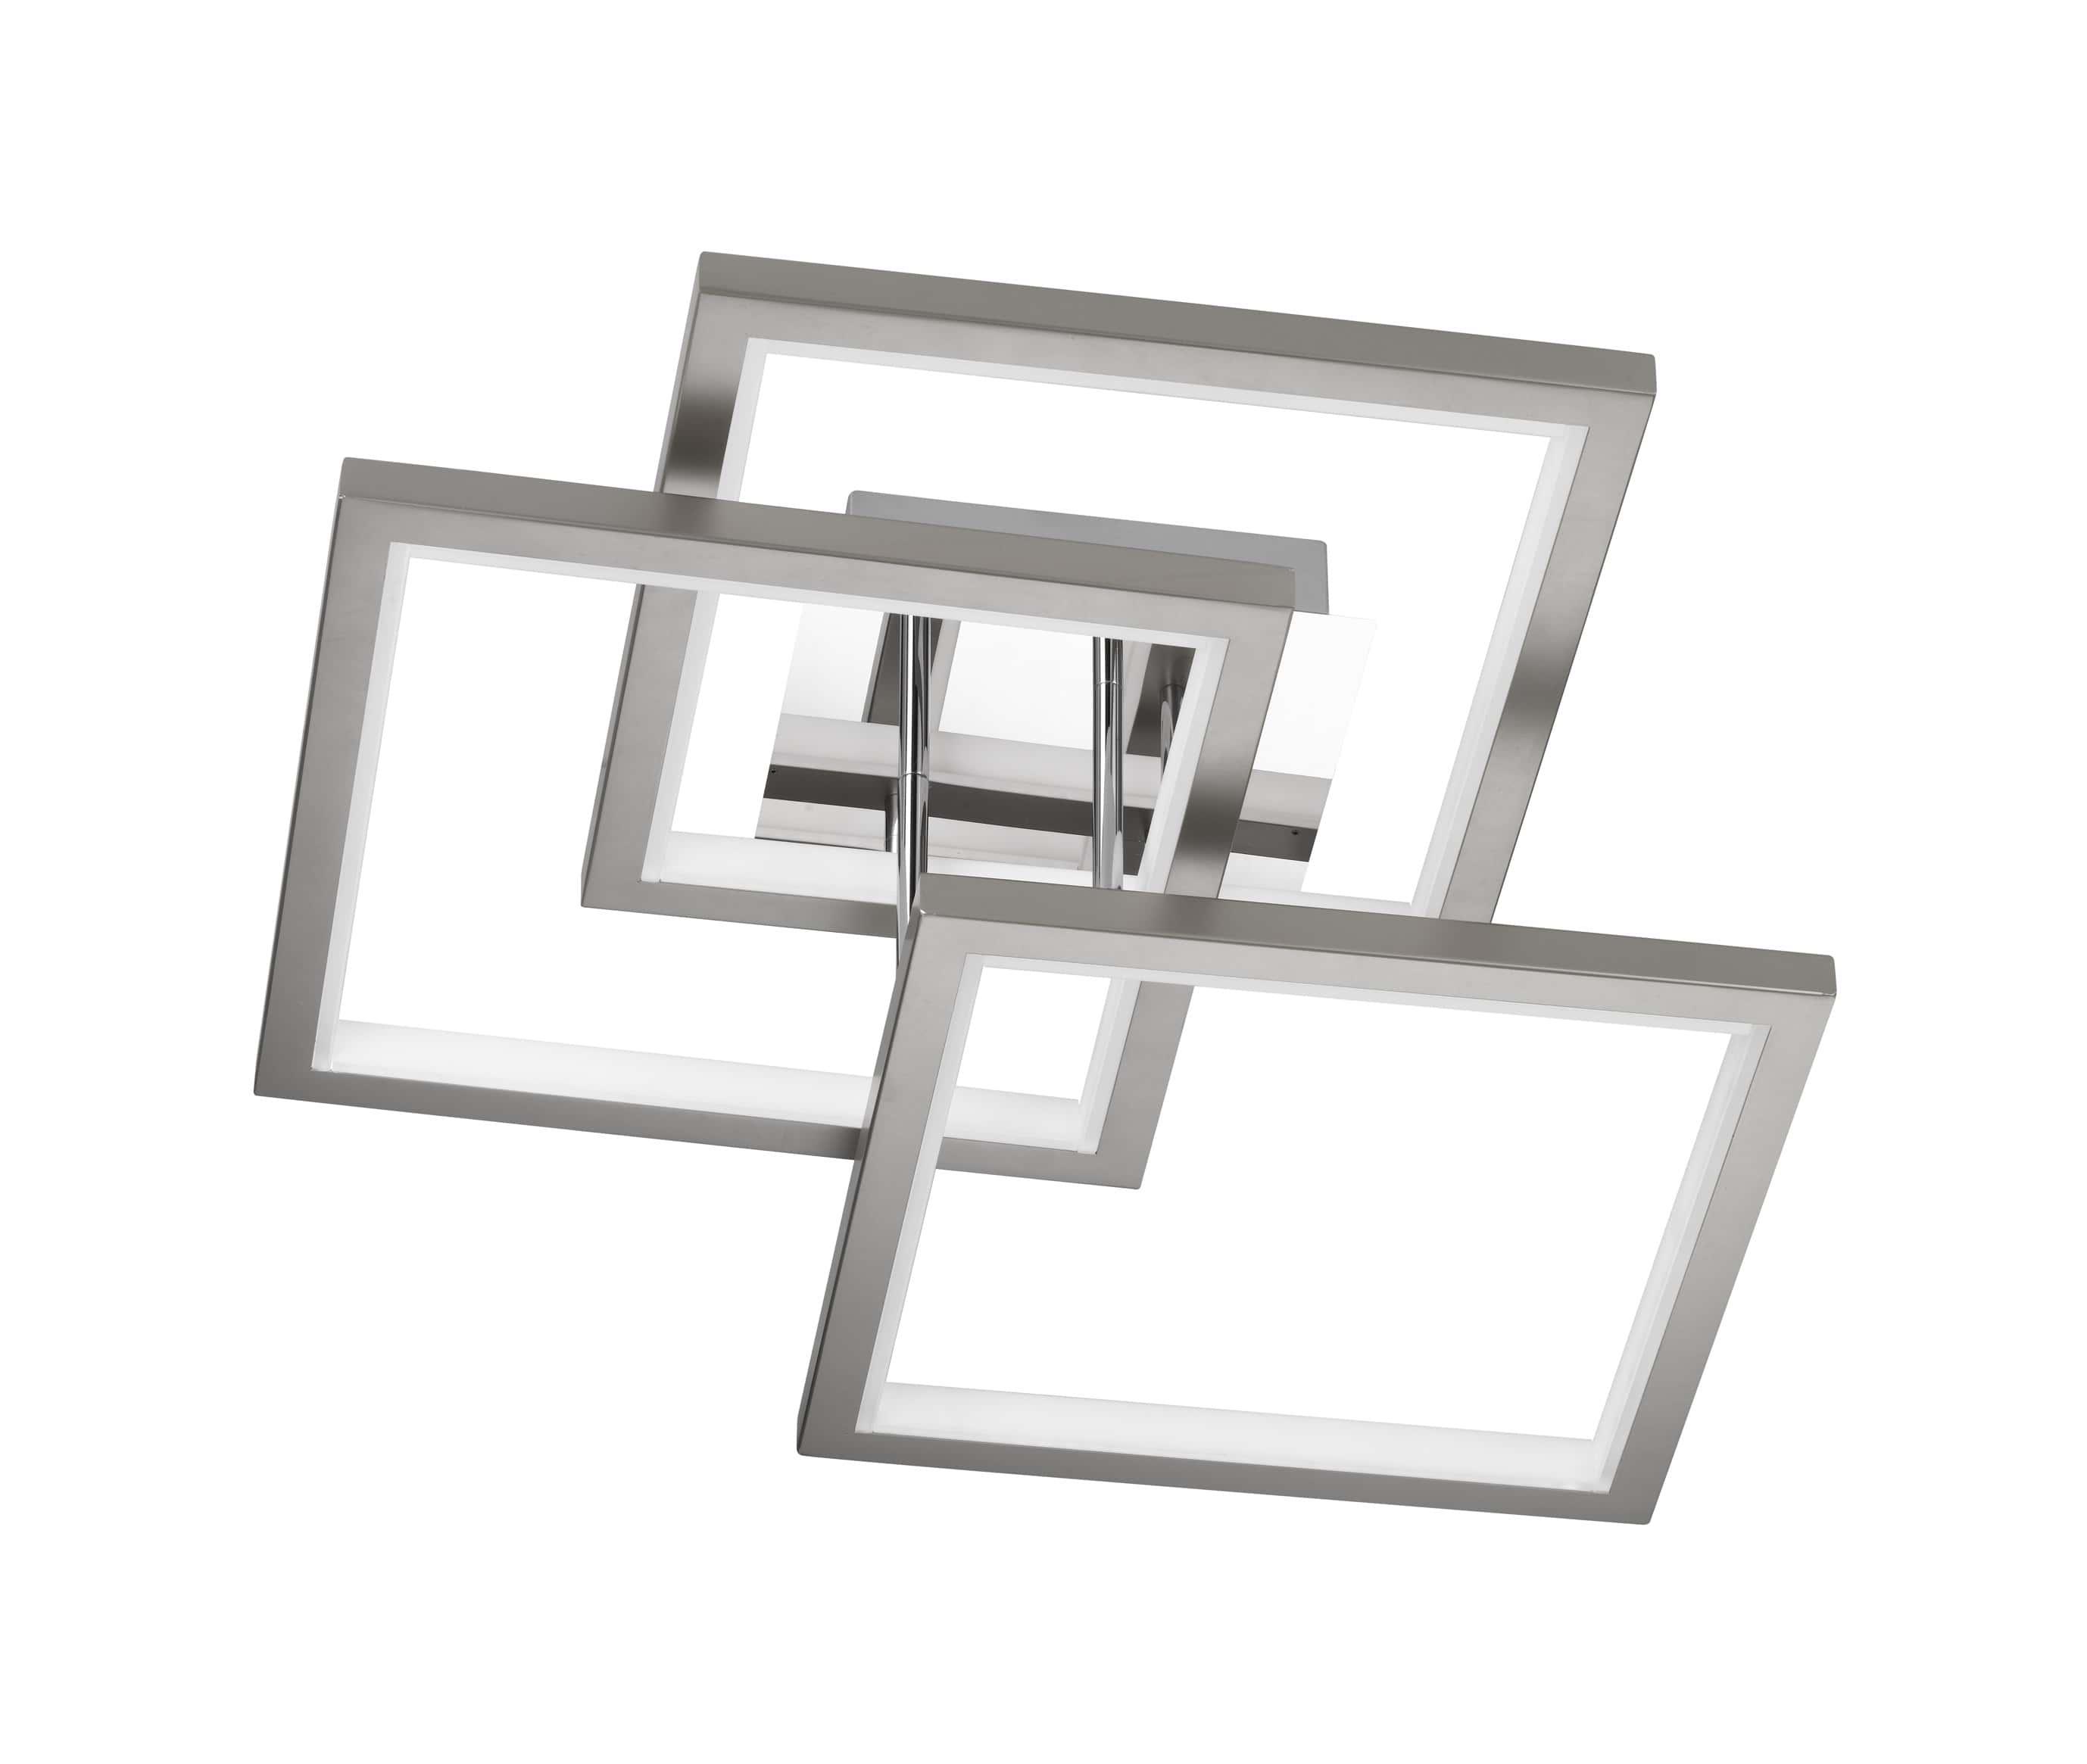 Wofi Deckenleuchte Viso 3flg Moderne Deckenleuchten